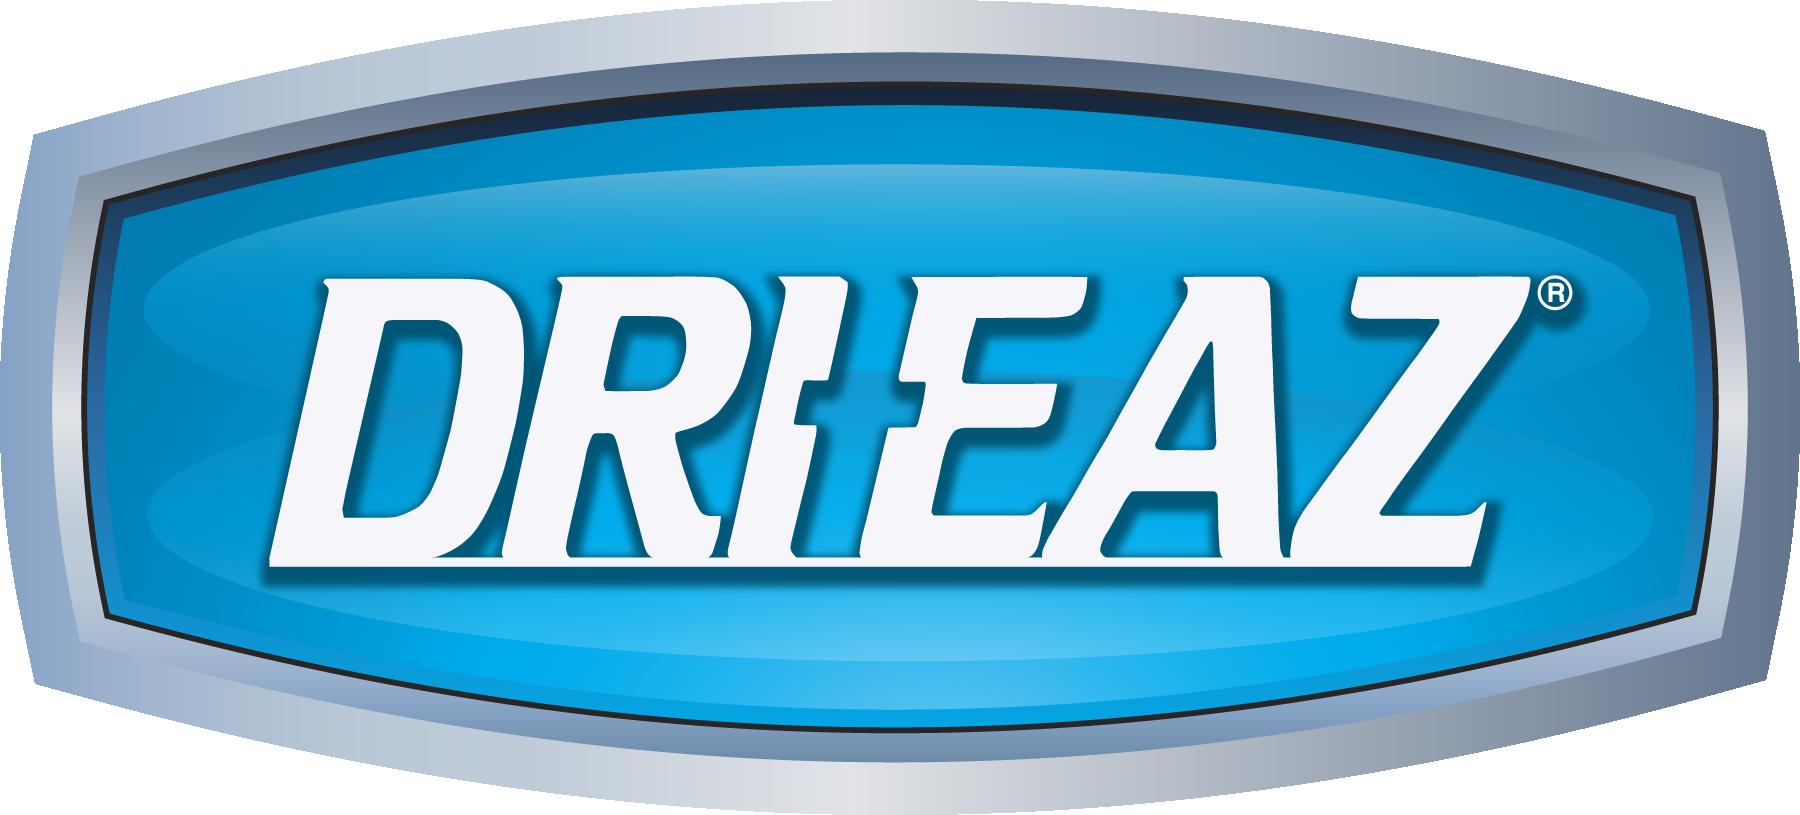 Dri-Eaz_Logo_High_Res.png